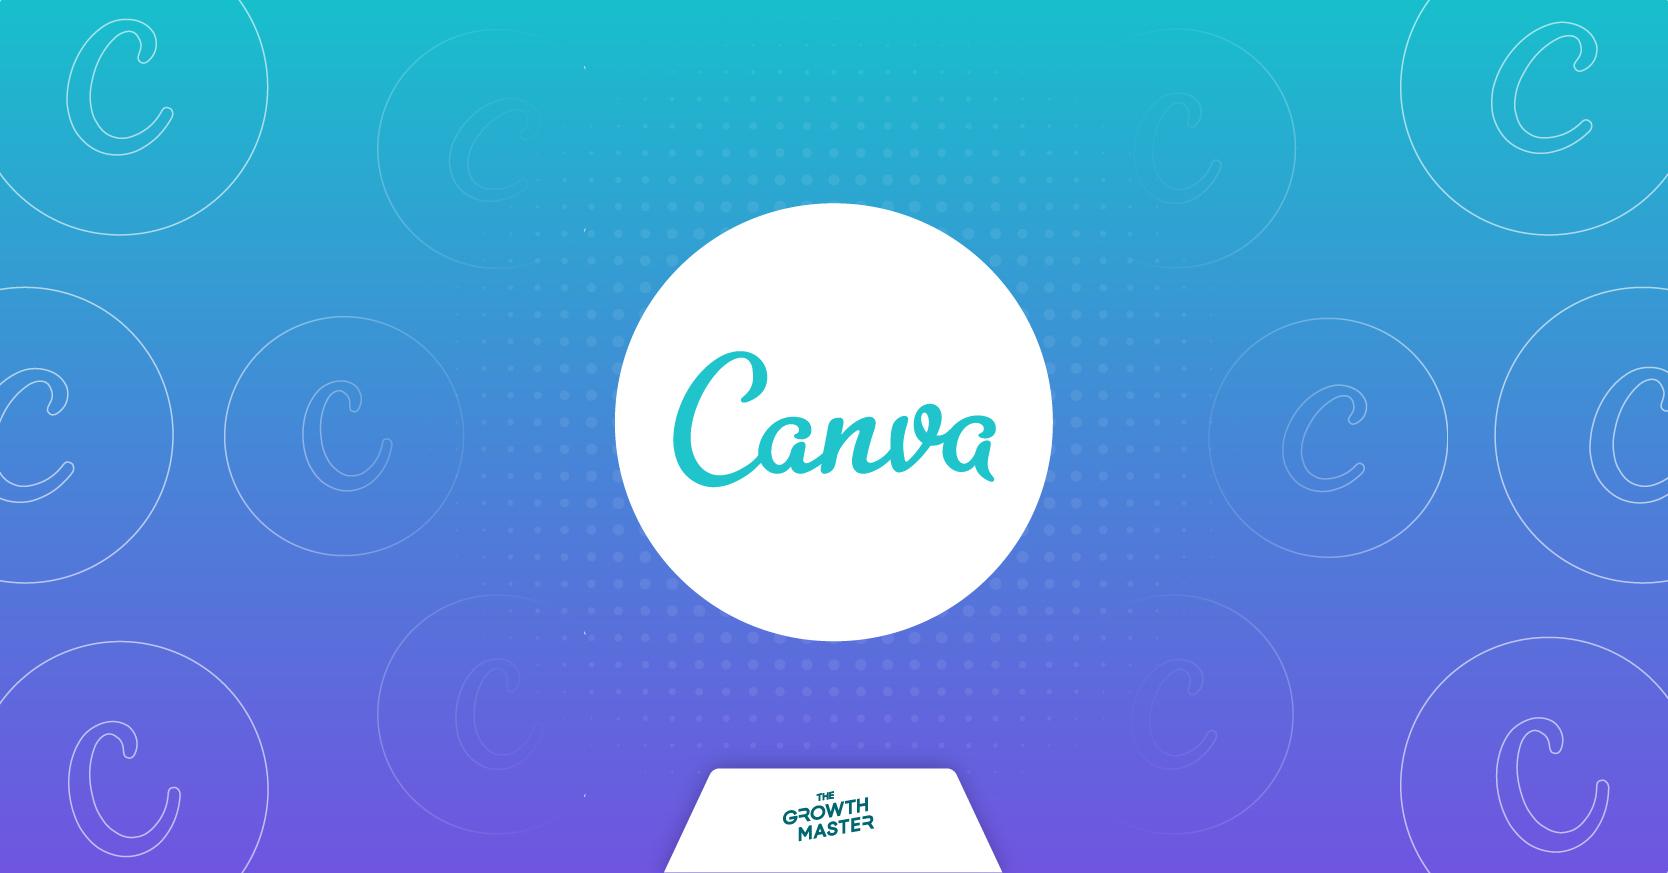 CASE STUDY : Canva แพลตฟอร์มดีไซน์ยอดนิยม กับกลยุทธ์การเพิ่มผู้ใช้งานกว่า 55 ล้านคนในเวลาเพียง 5 ปี